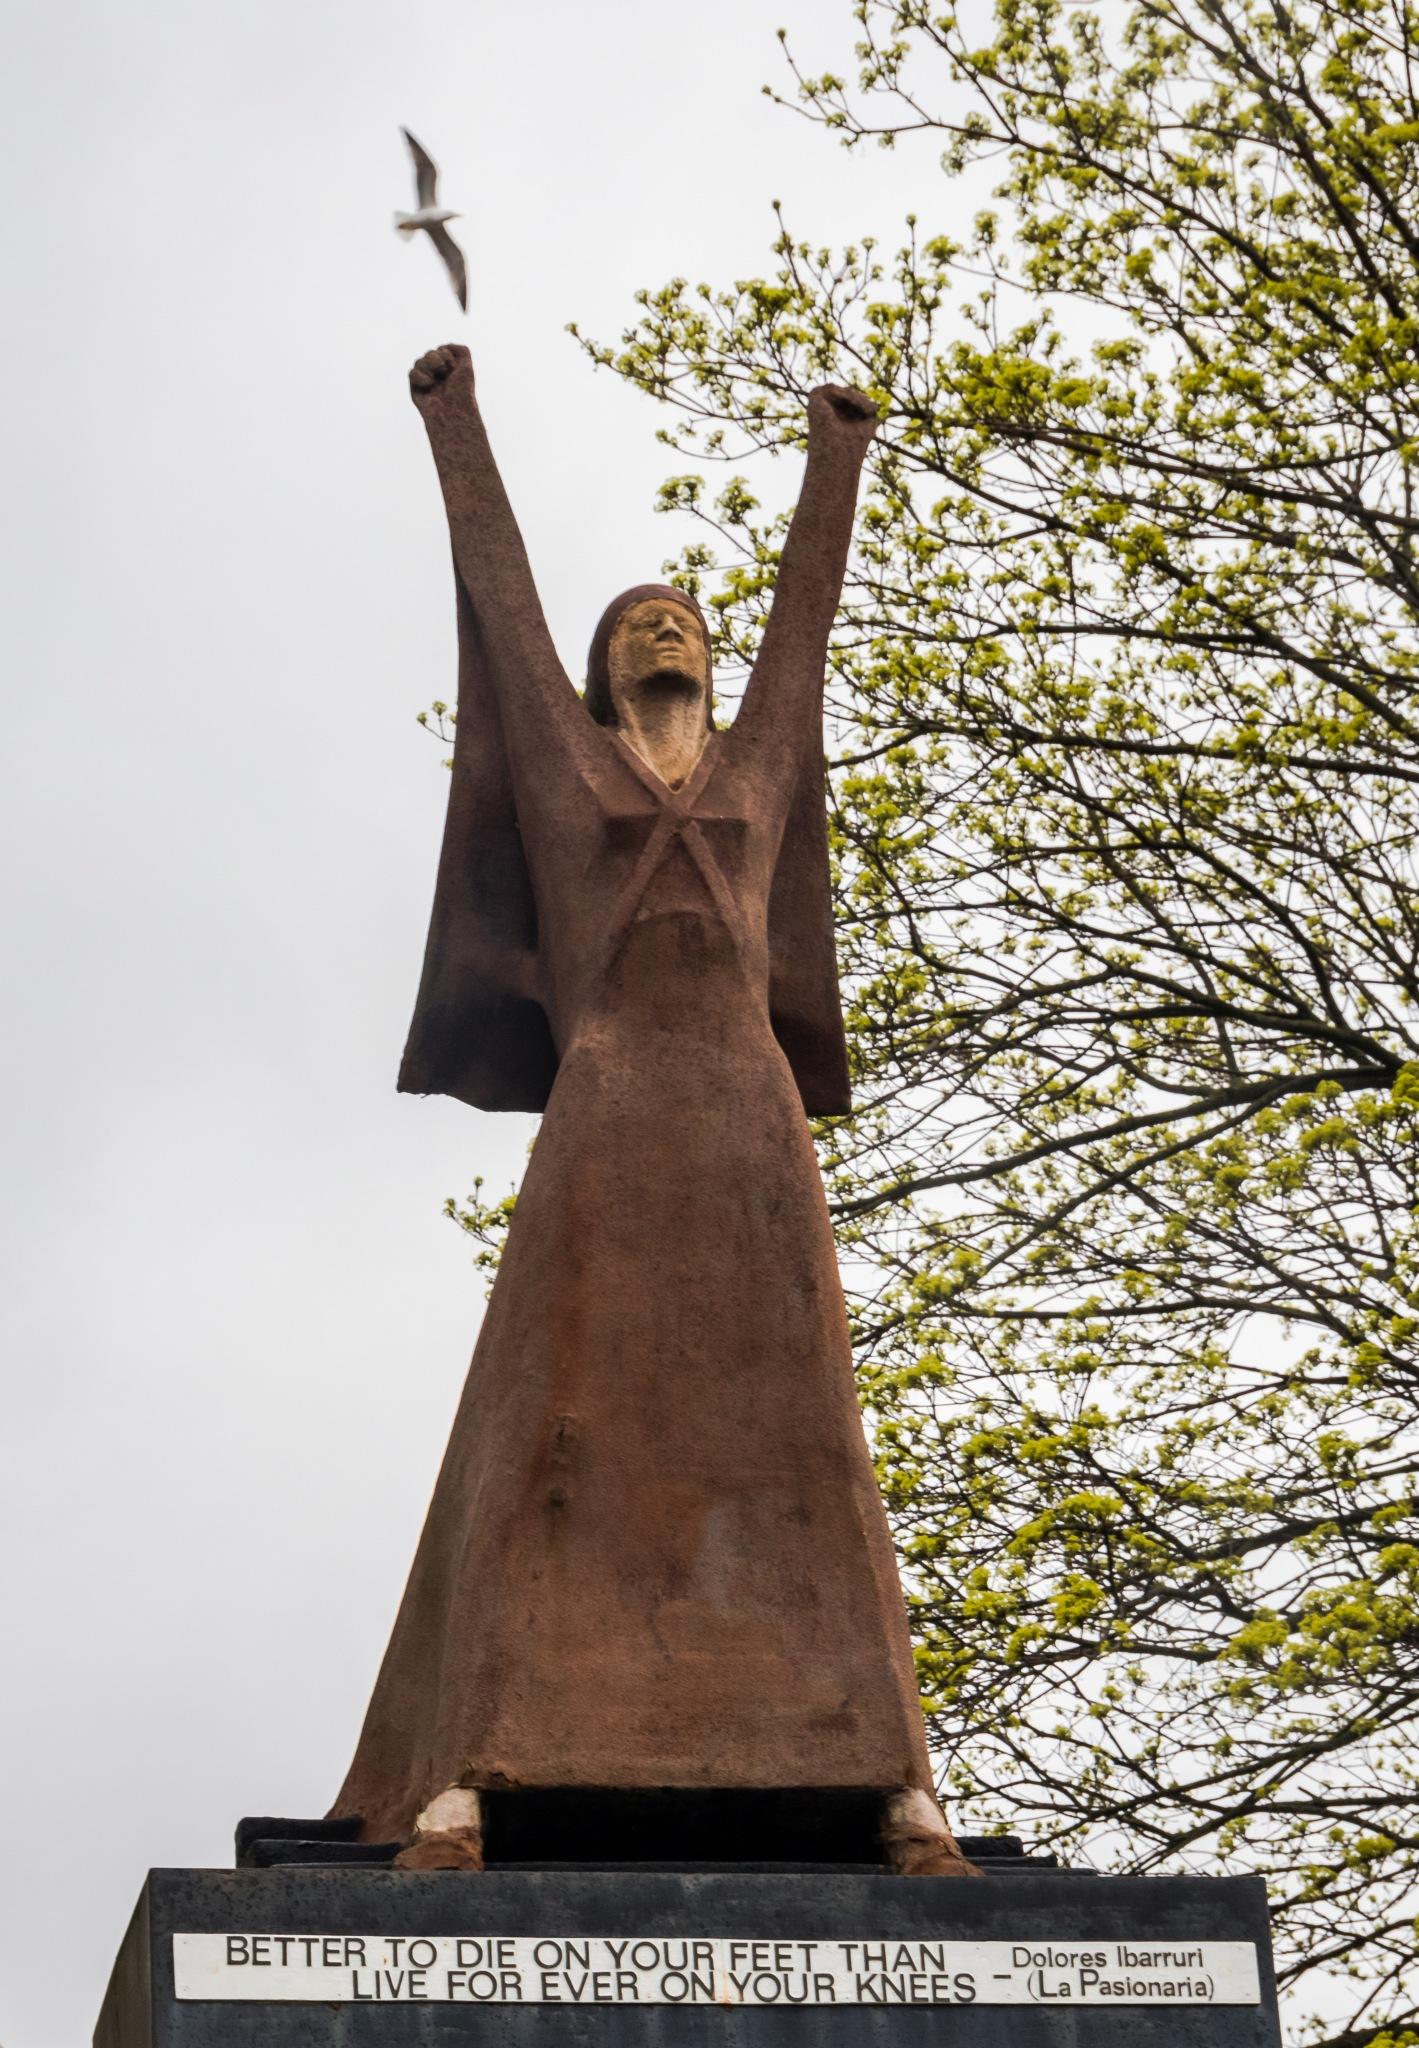 Statue by Mole59